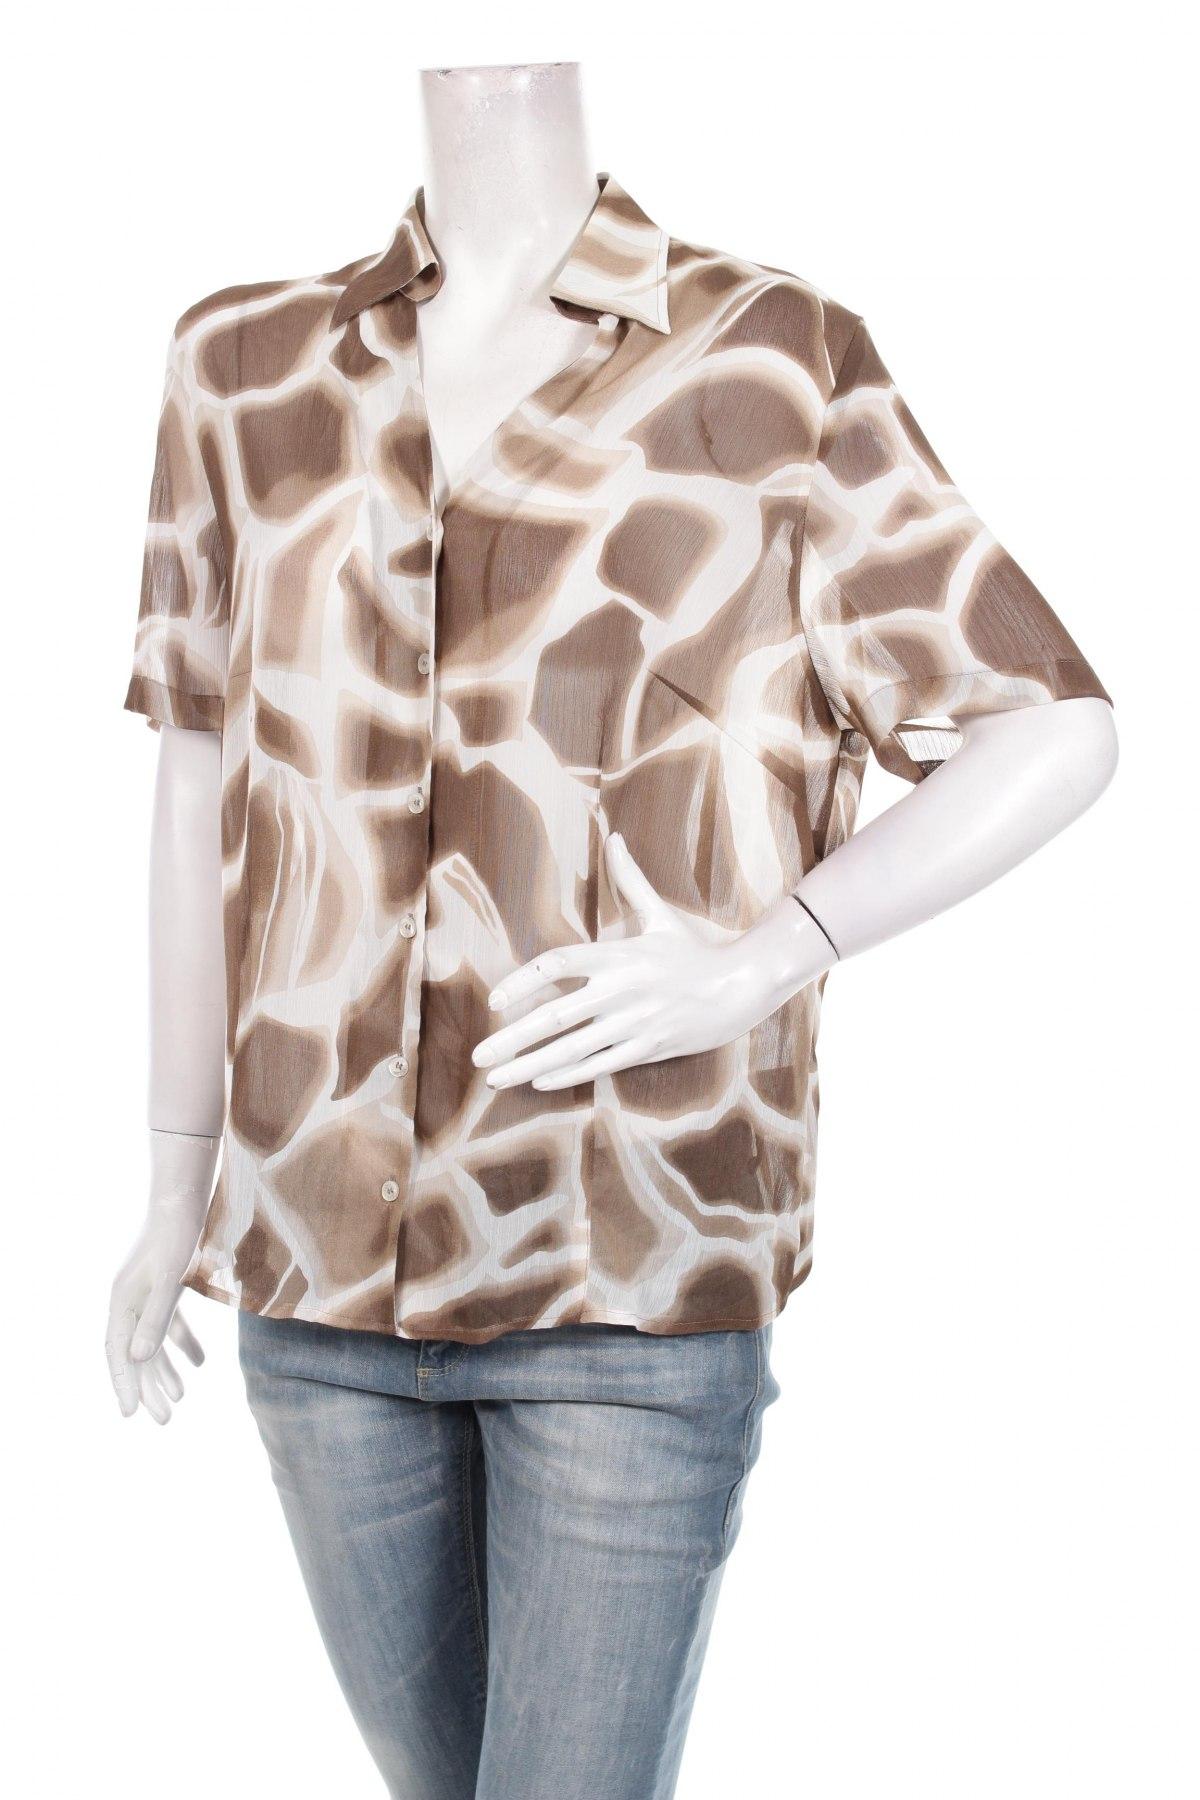 Γυναικείο πουκάμισο Basler, Μέγεθος XL, Χρώμα  Μπέζ, 100% πολυεστέρας, Τιμή 17,94€